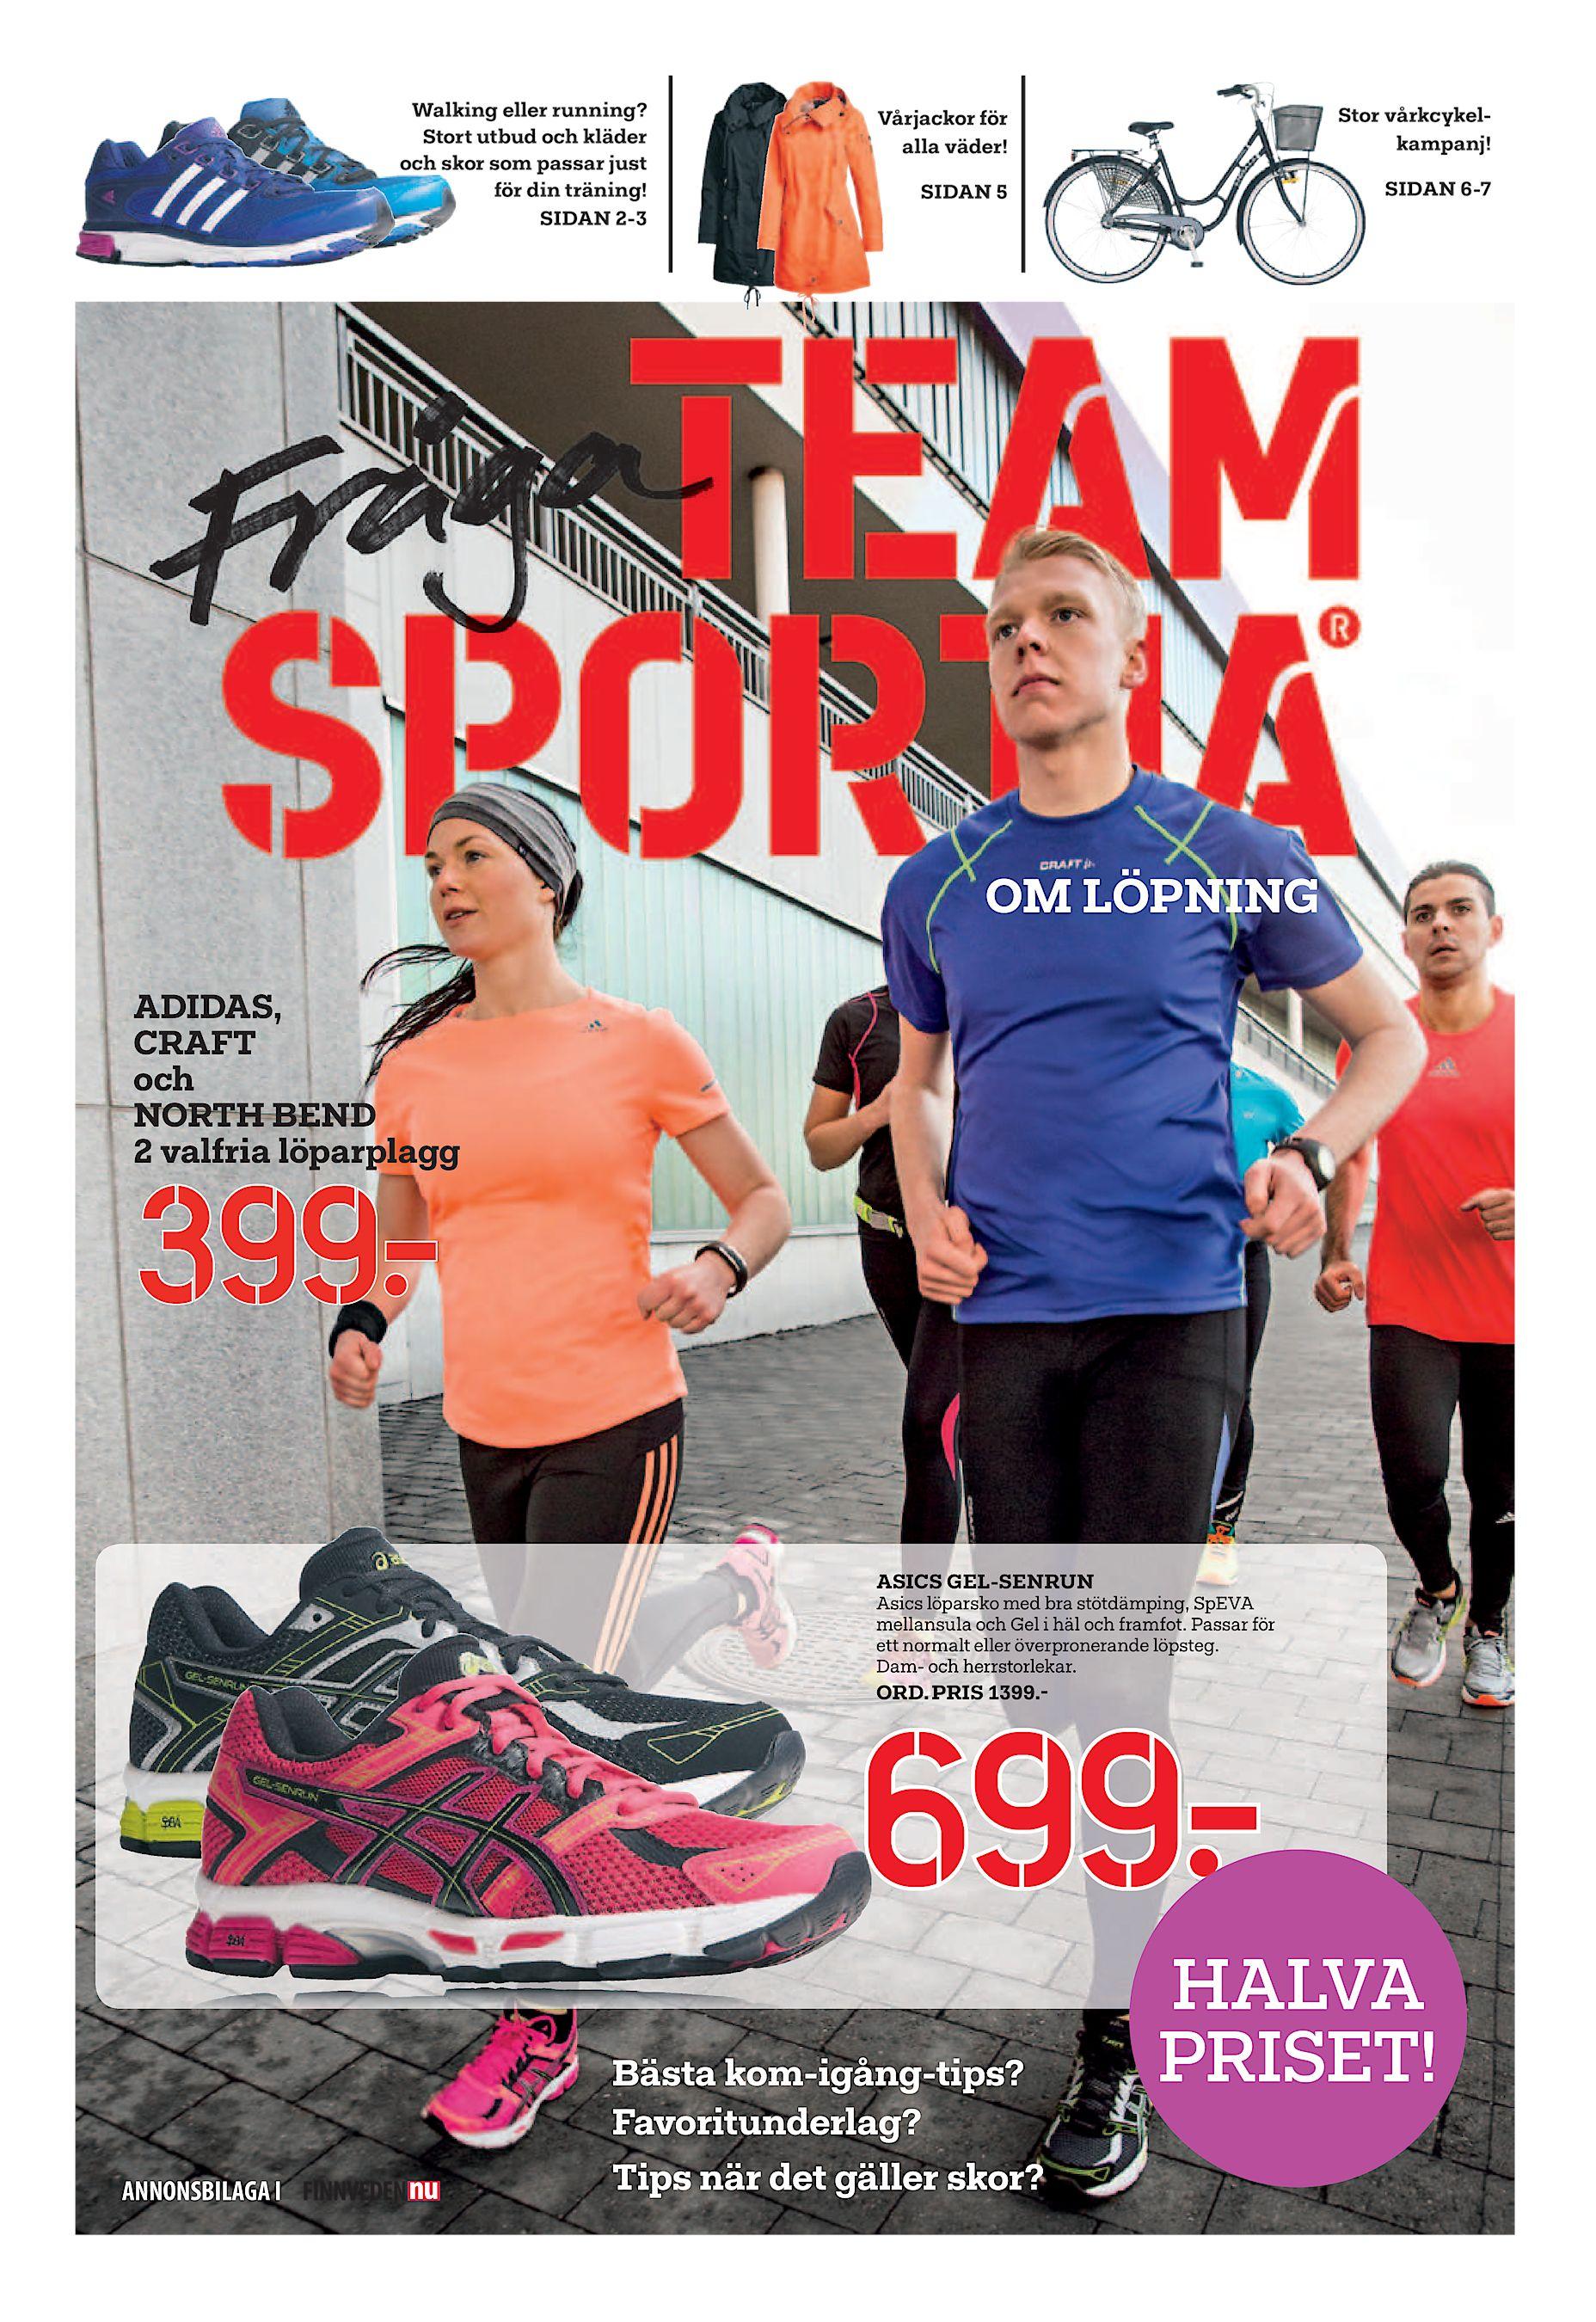 detailed look d66e6 1a635 Stort utbud och kläder och skor som passar just för din träning! SIDAN 2-3  Vårjackor för alla väder! Stor vårkcykelkampanj! SIDAN 5 SIDAN 6-7 OM  LÖPNING ...